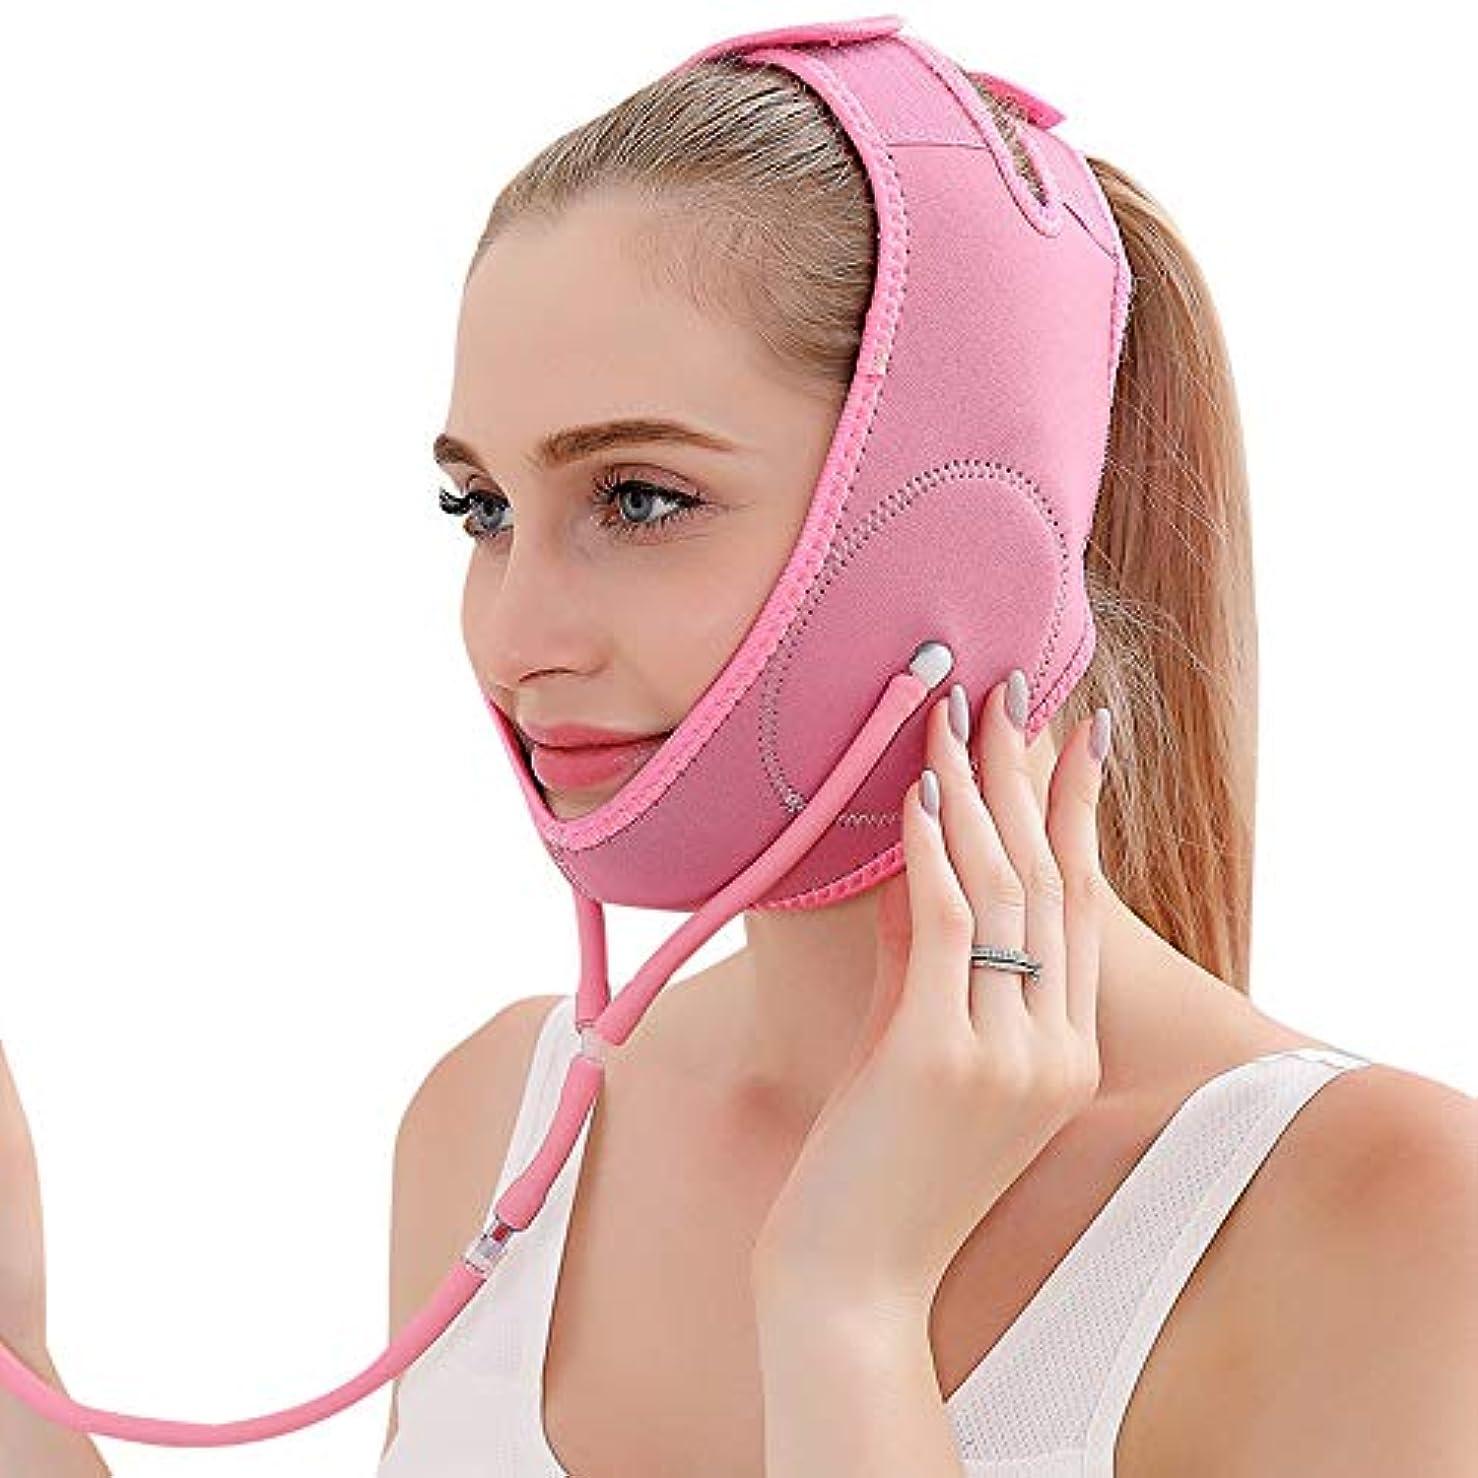 露出度の高い朝コールYOE(ヨイ) エアー 顔やせ マスク 小顔 ほうれい線 空気入れ エアーポンプ 顔のエクササイズ フェイスリフト レディース (フリーサイズ, ピンク)